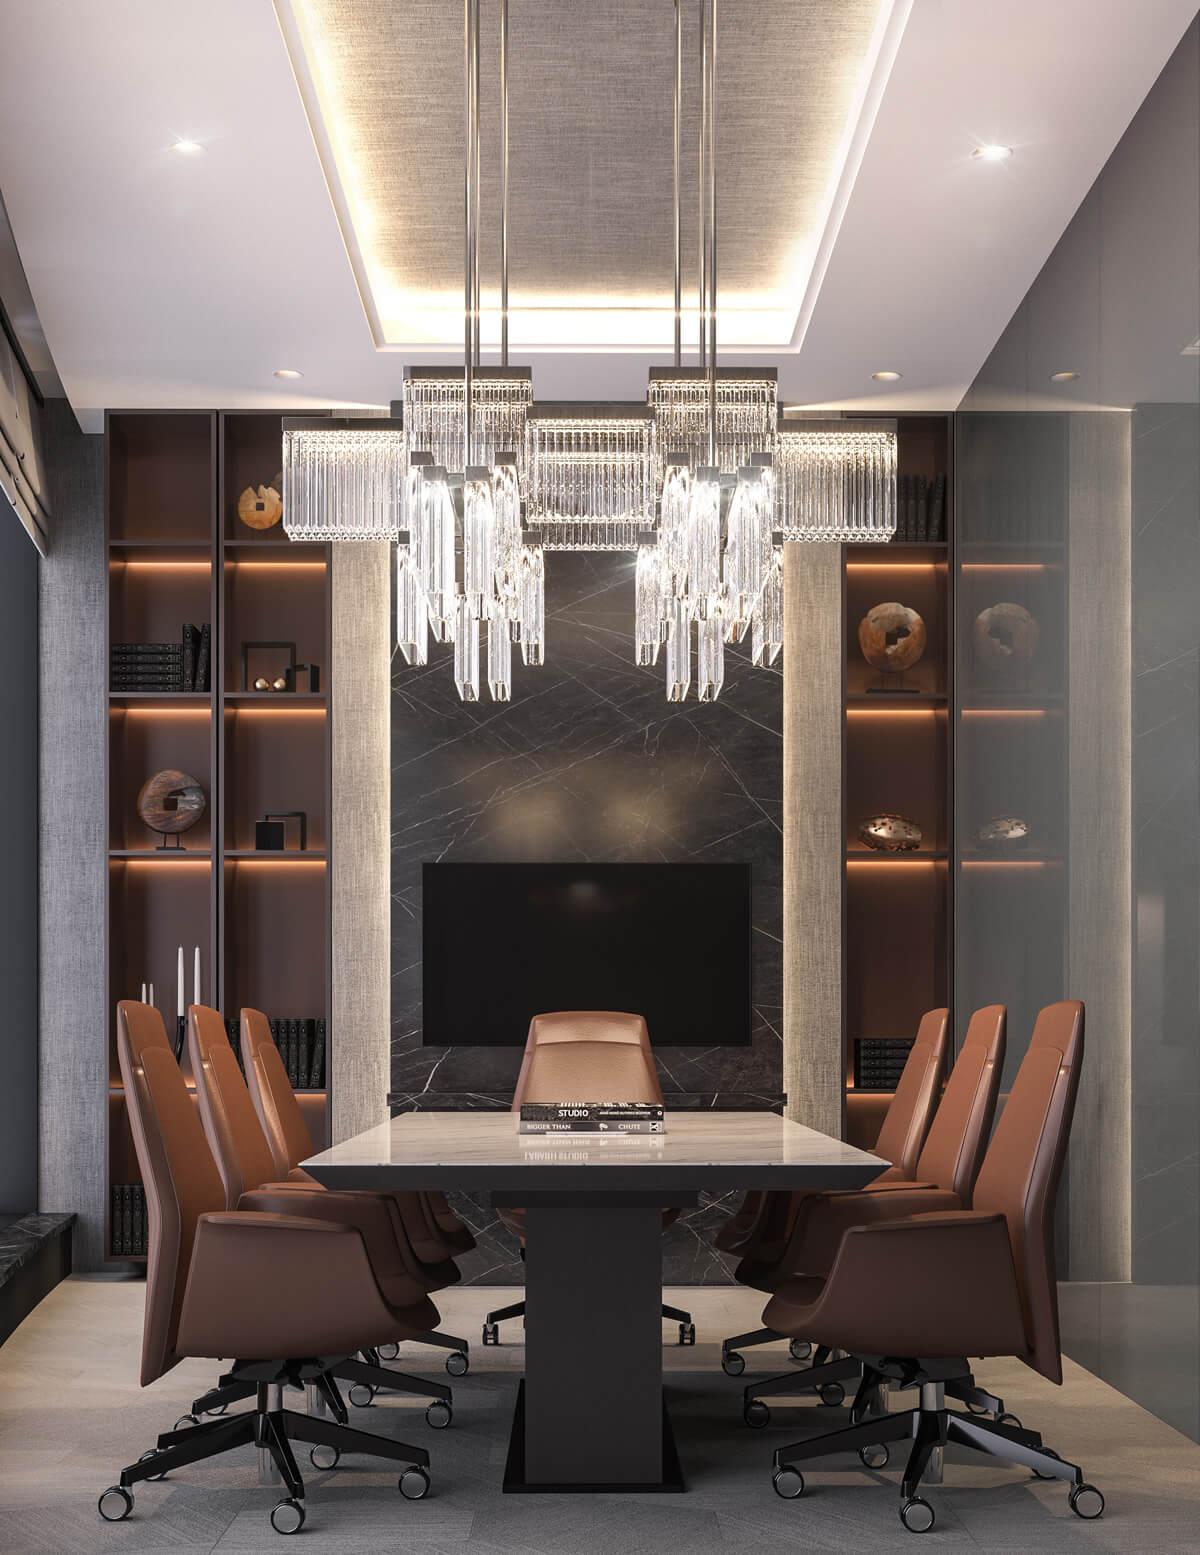 office interior design (21)